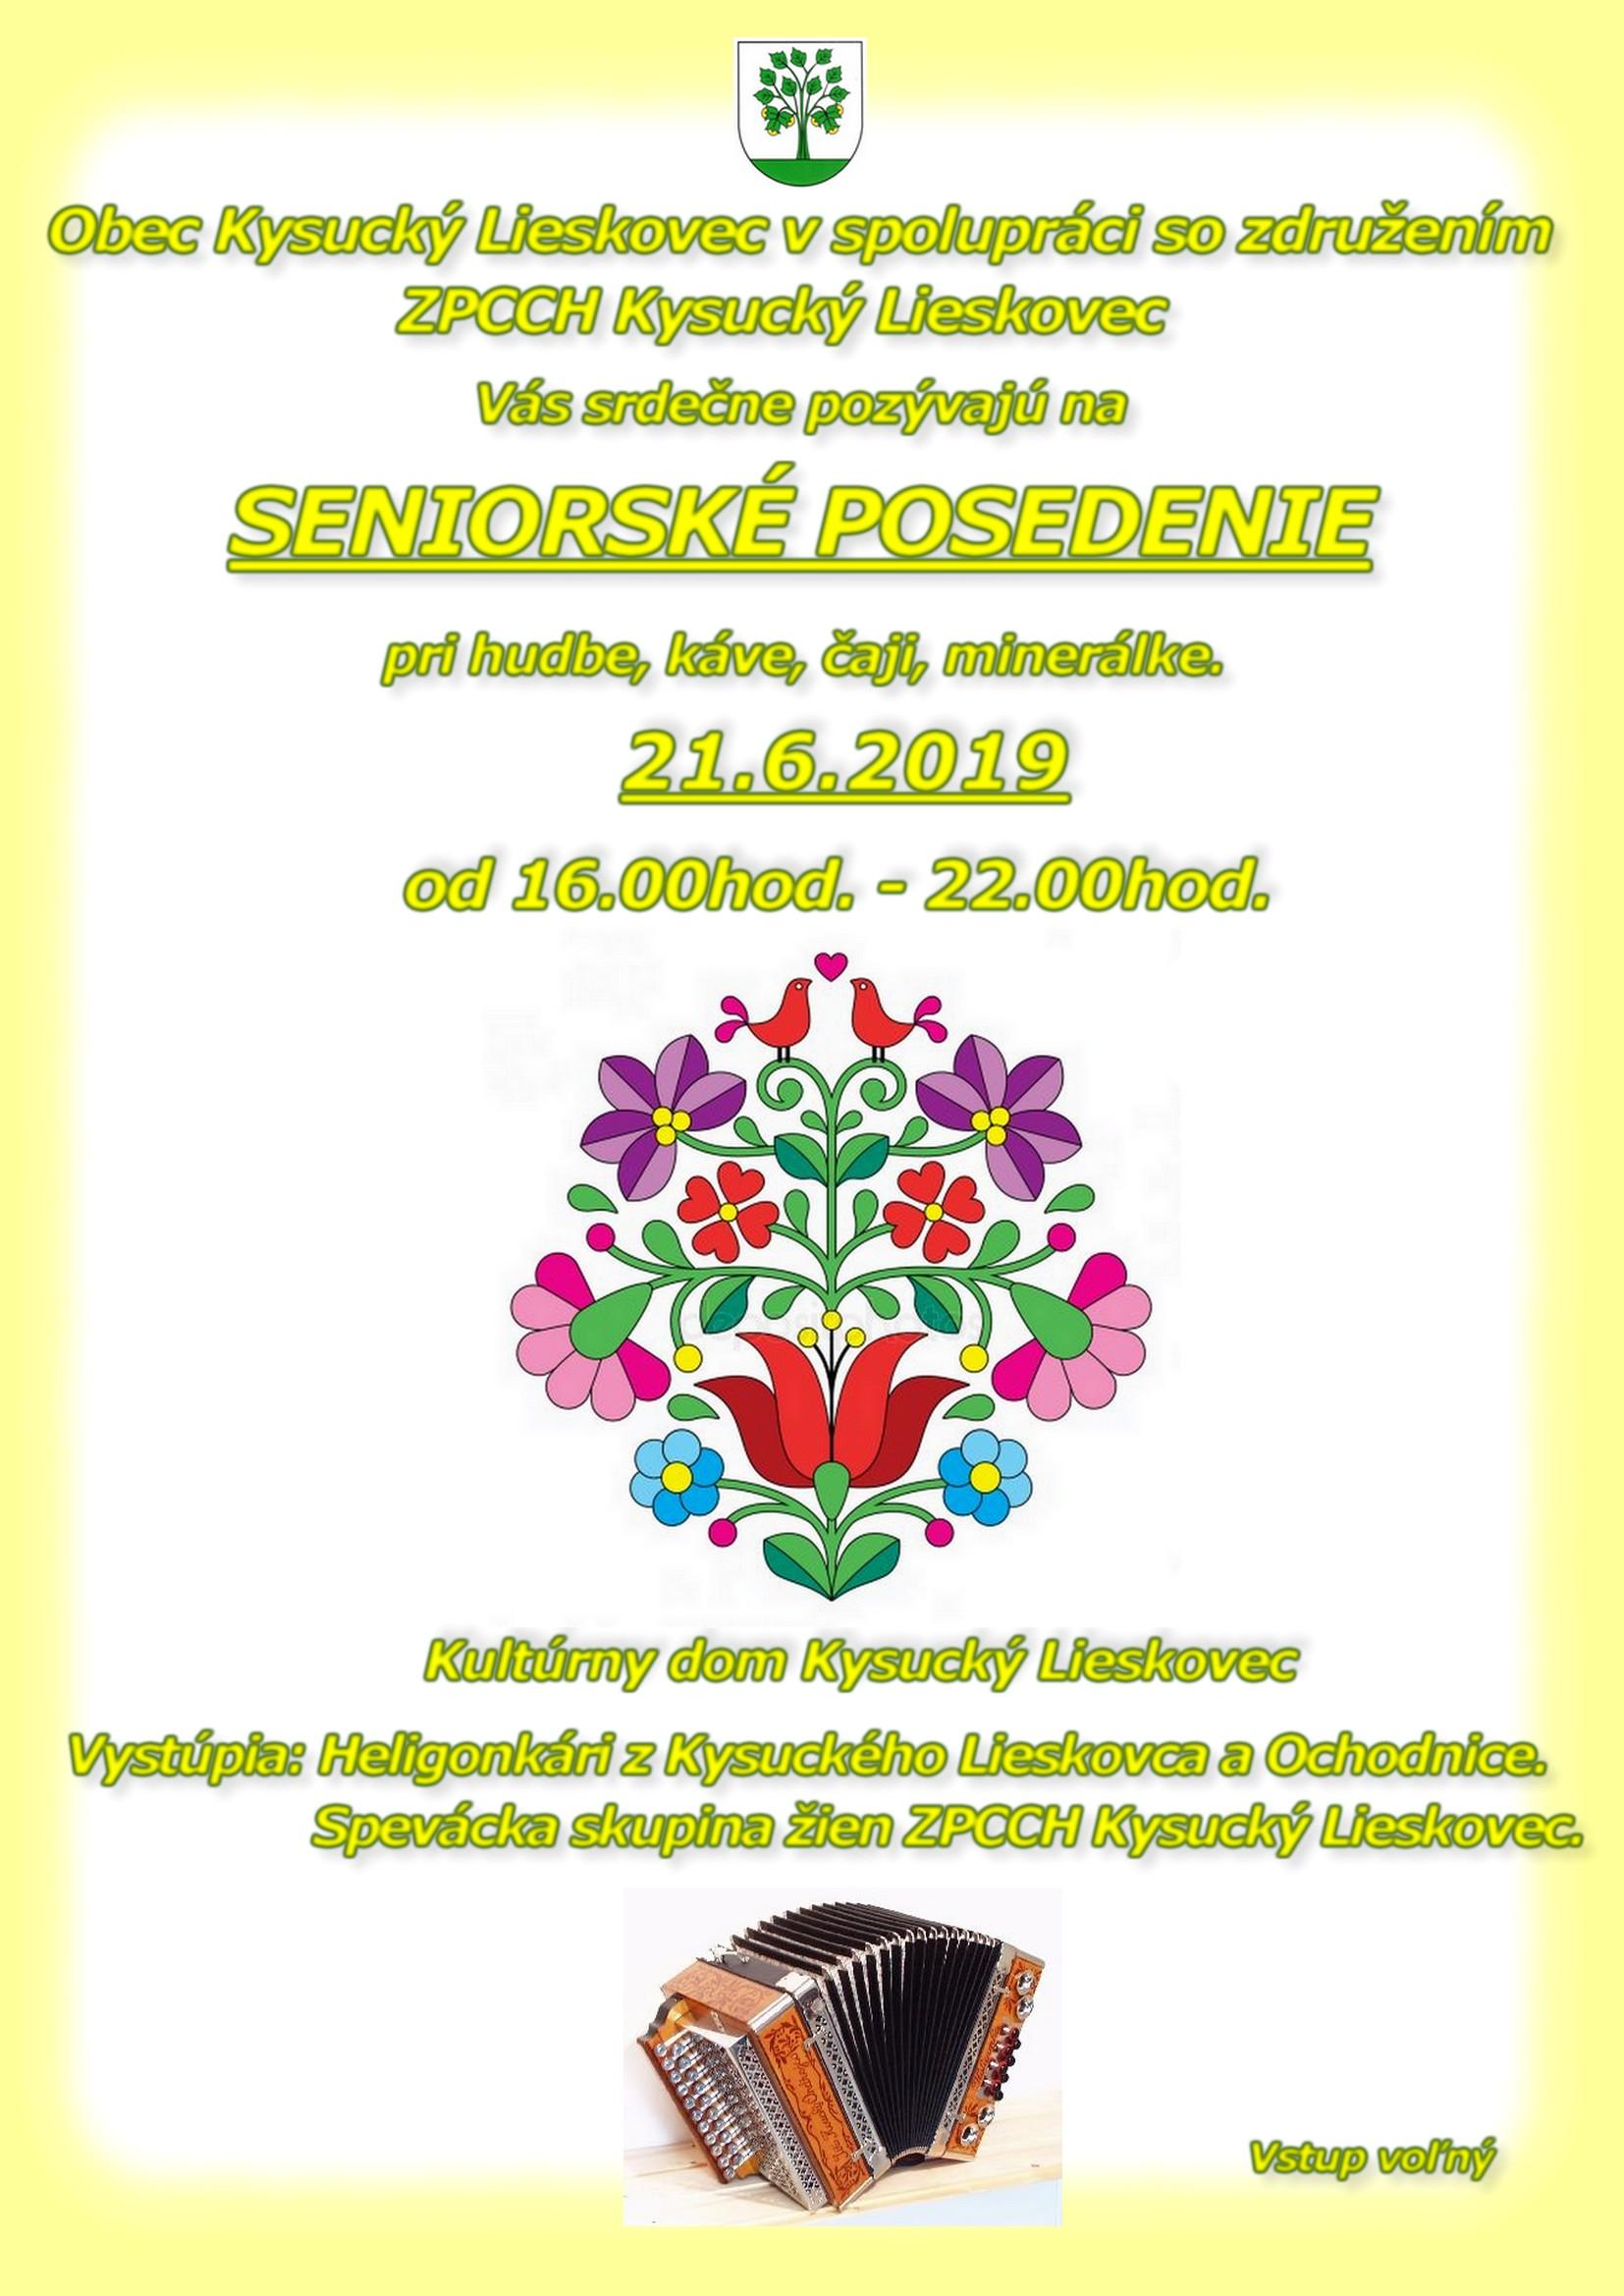 Kysucky Lieskovec falu, a ZPCCH Kysucky Lieskovec szövetséggel együttműködve meghívja Önt a SENIOR ASSEMBLY-re.